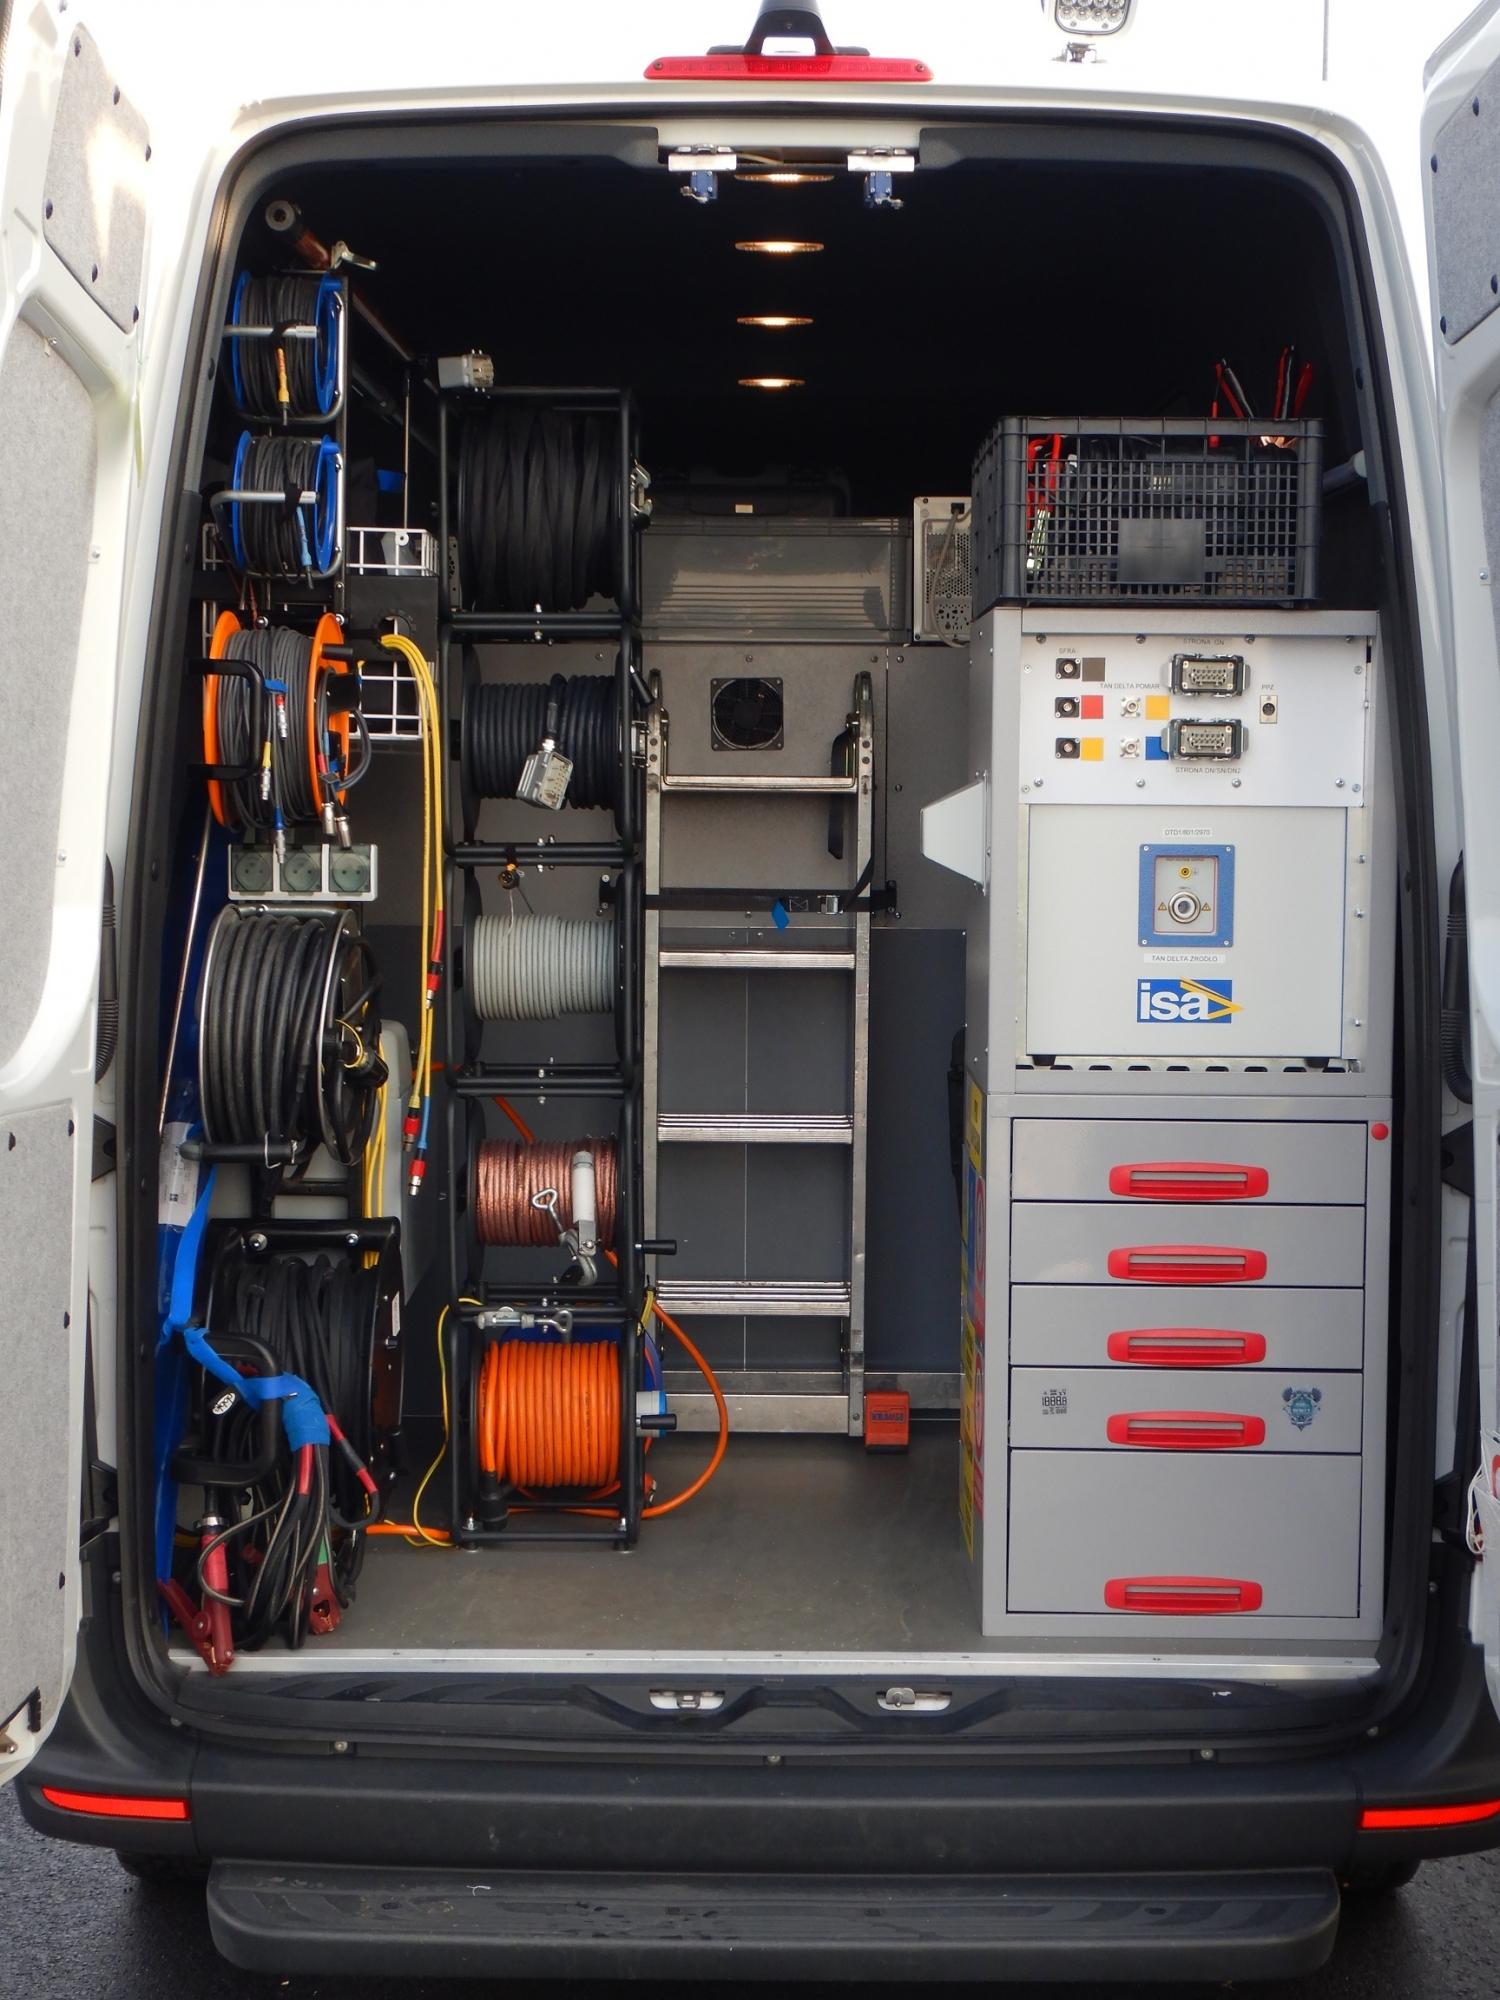 Na specjalnie dostosowanych samochodach znajduje się ustandaryzowana aparatura pomiarowa